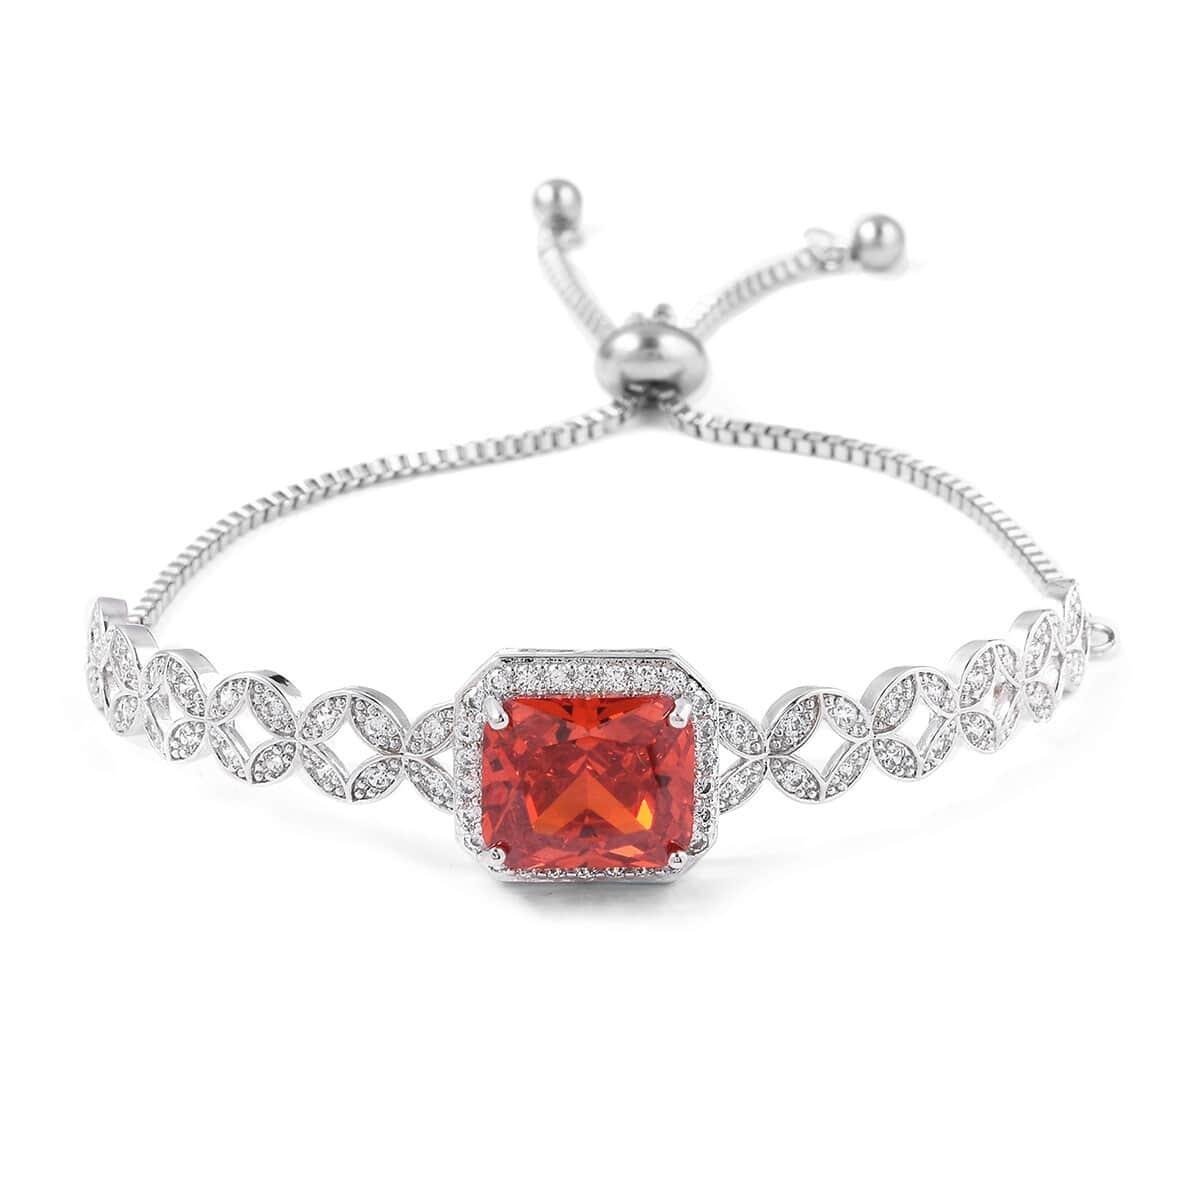 12-Color-Options-Cubic-Zirconia-Bracelet-Chain-Pendant-Necklace-Set-Adjustable thumbnail 54